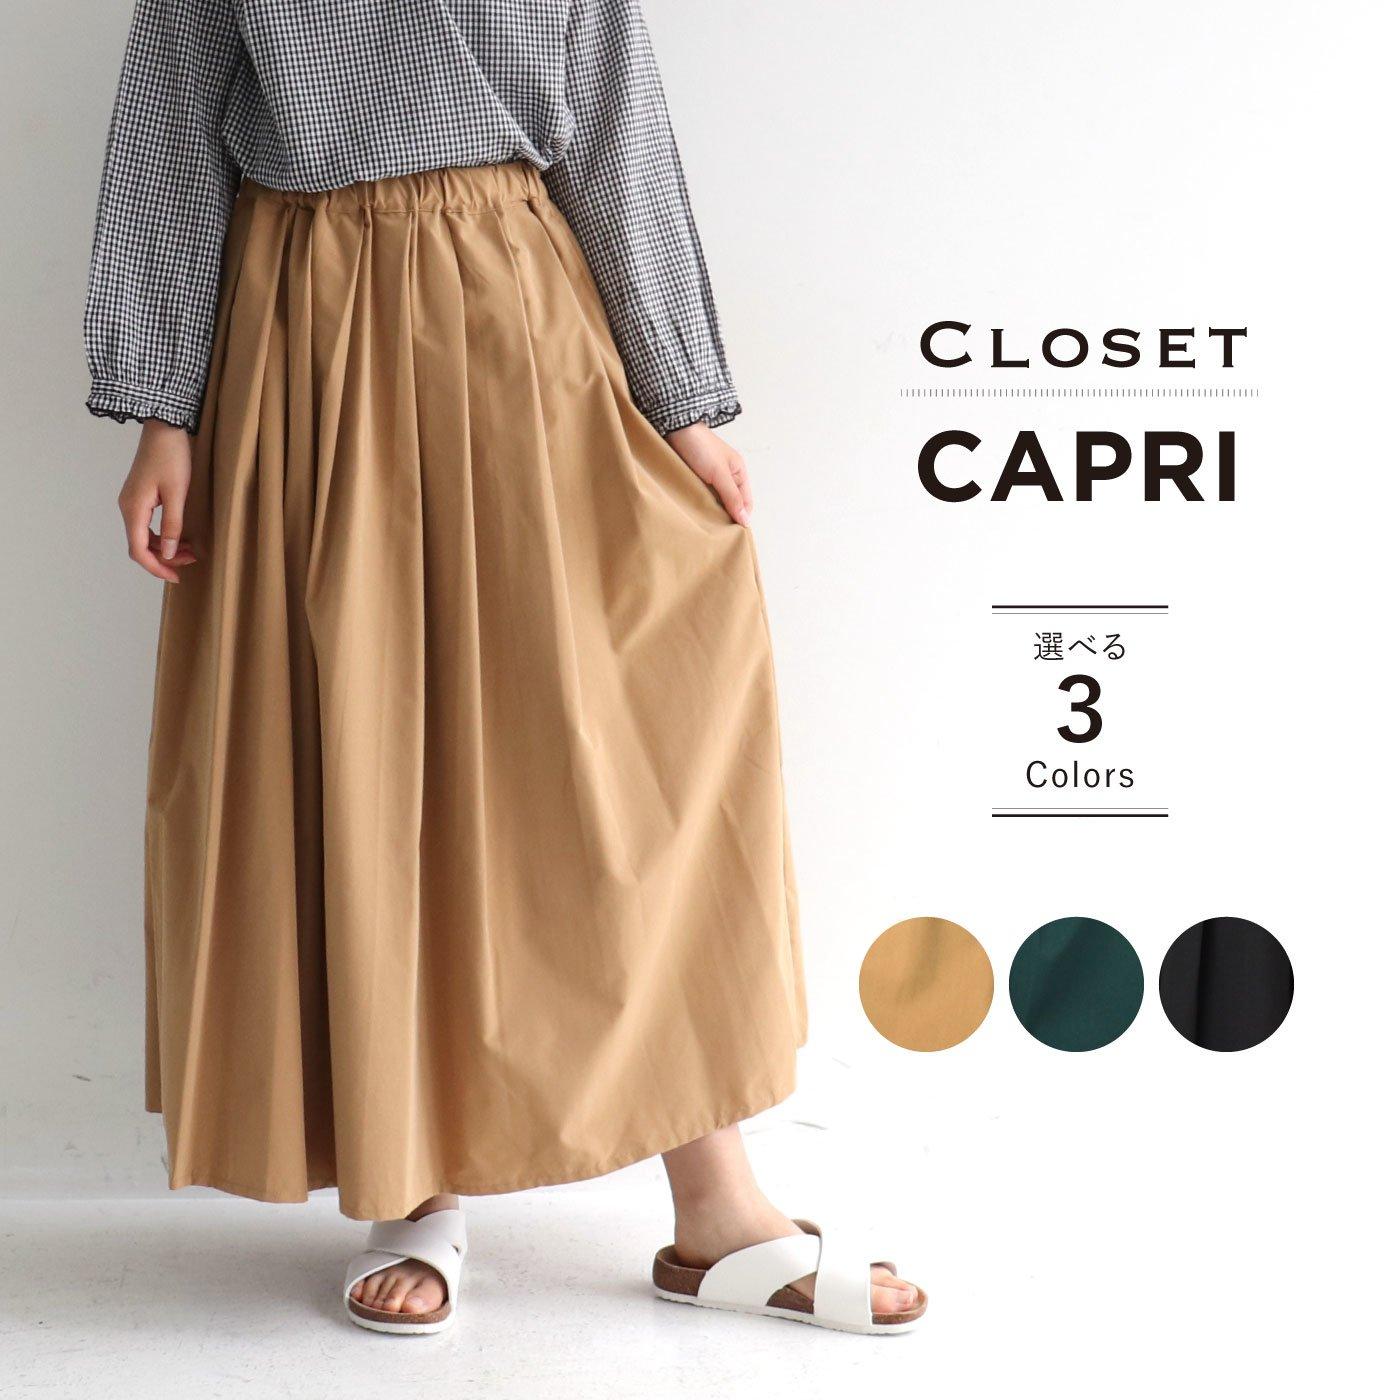 クローゼットカプリ シンプルで着こなしやすい プリーツスカート